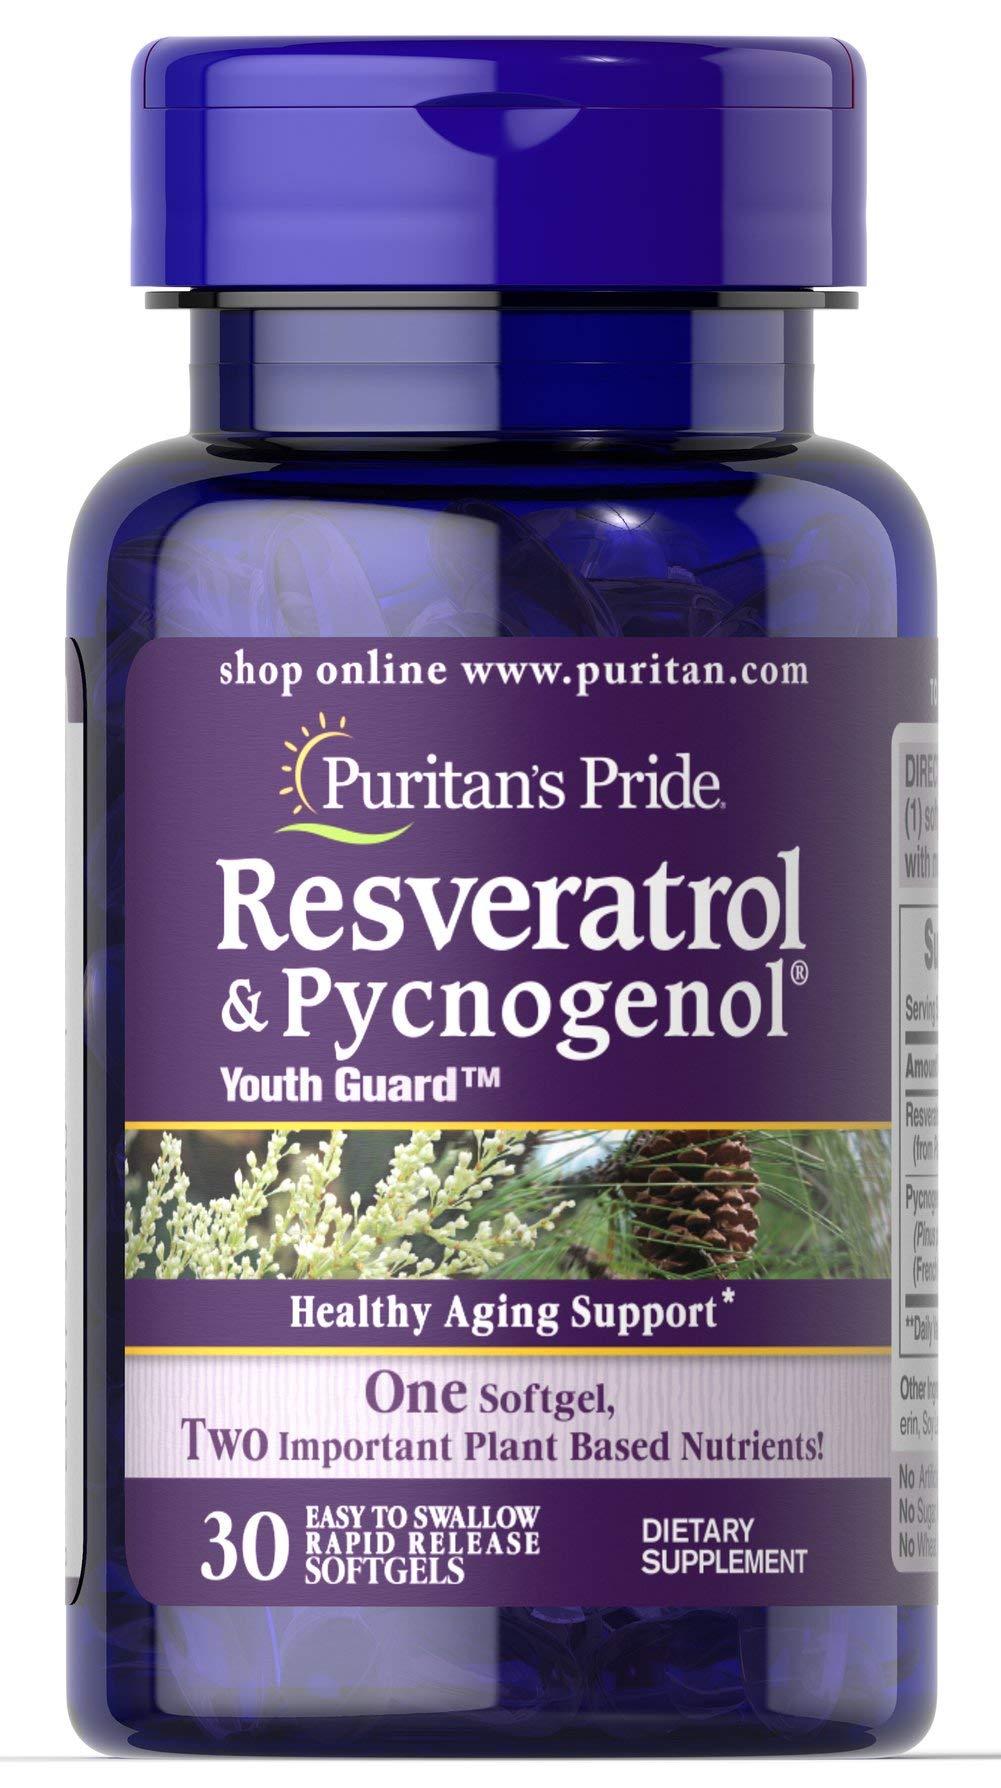 Puritan's Pride Resveratrol 100 mg & Pycnogenol 30 mg-30 Softgels by Puritan's Pride